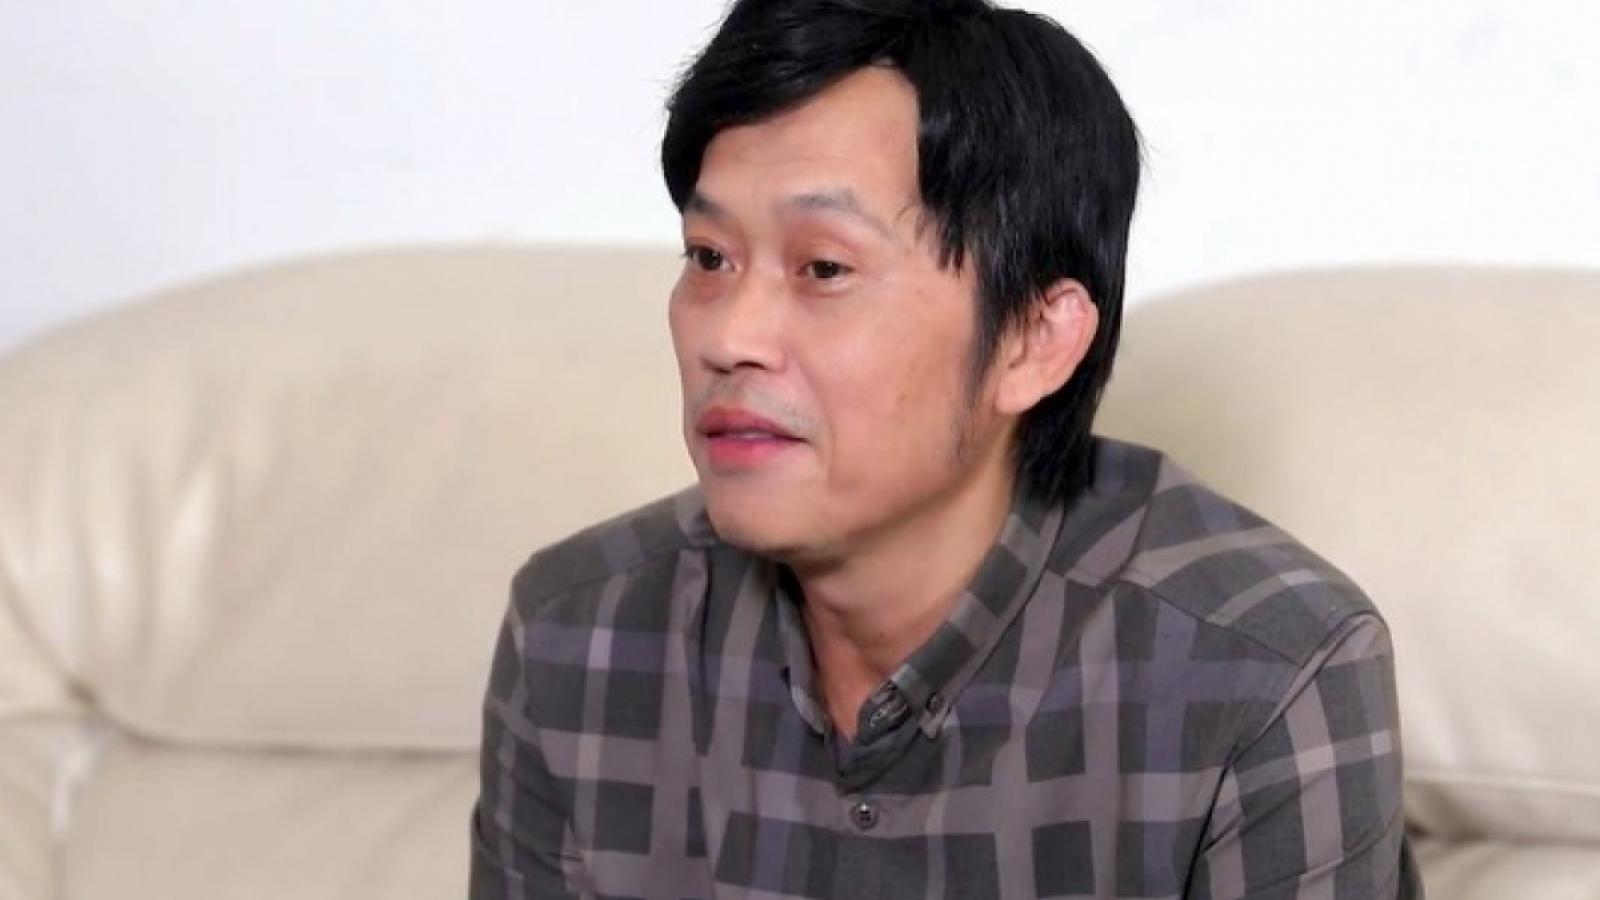 Chưa đủ cơ sở để xem xét việc tước danh hiệu NSƯT của nghệ sĩ Hoài Linh